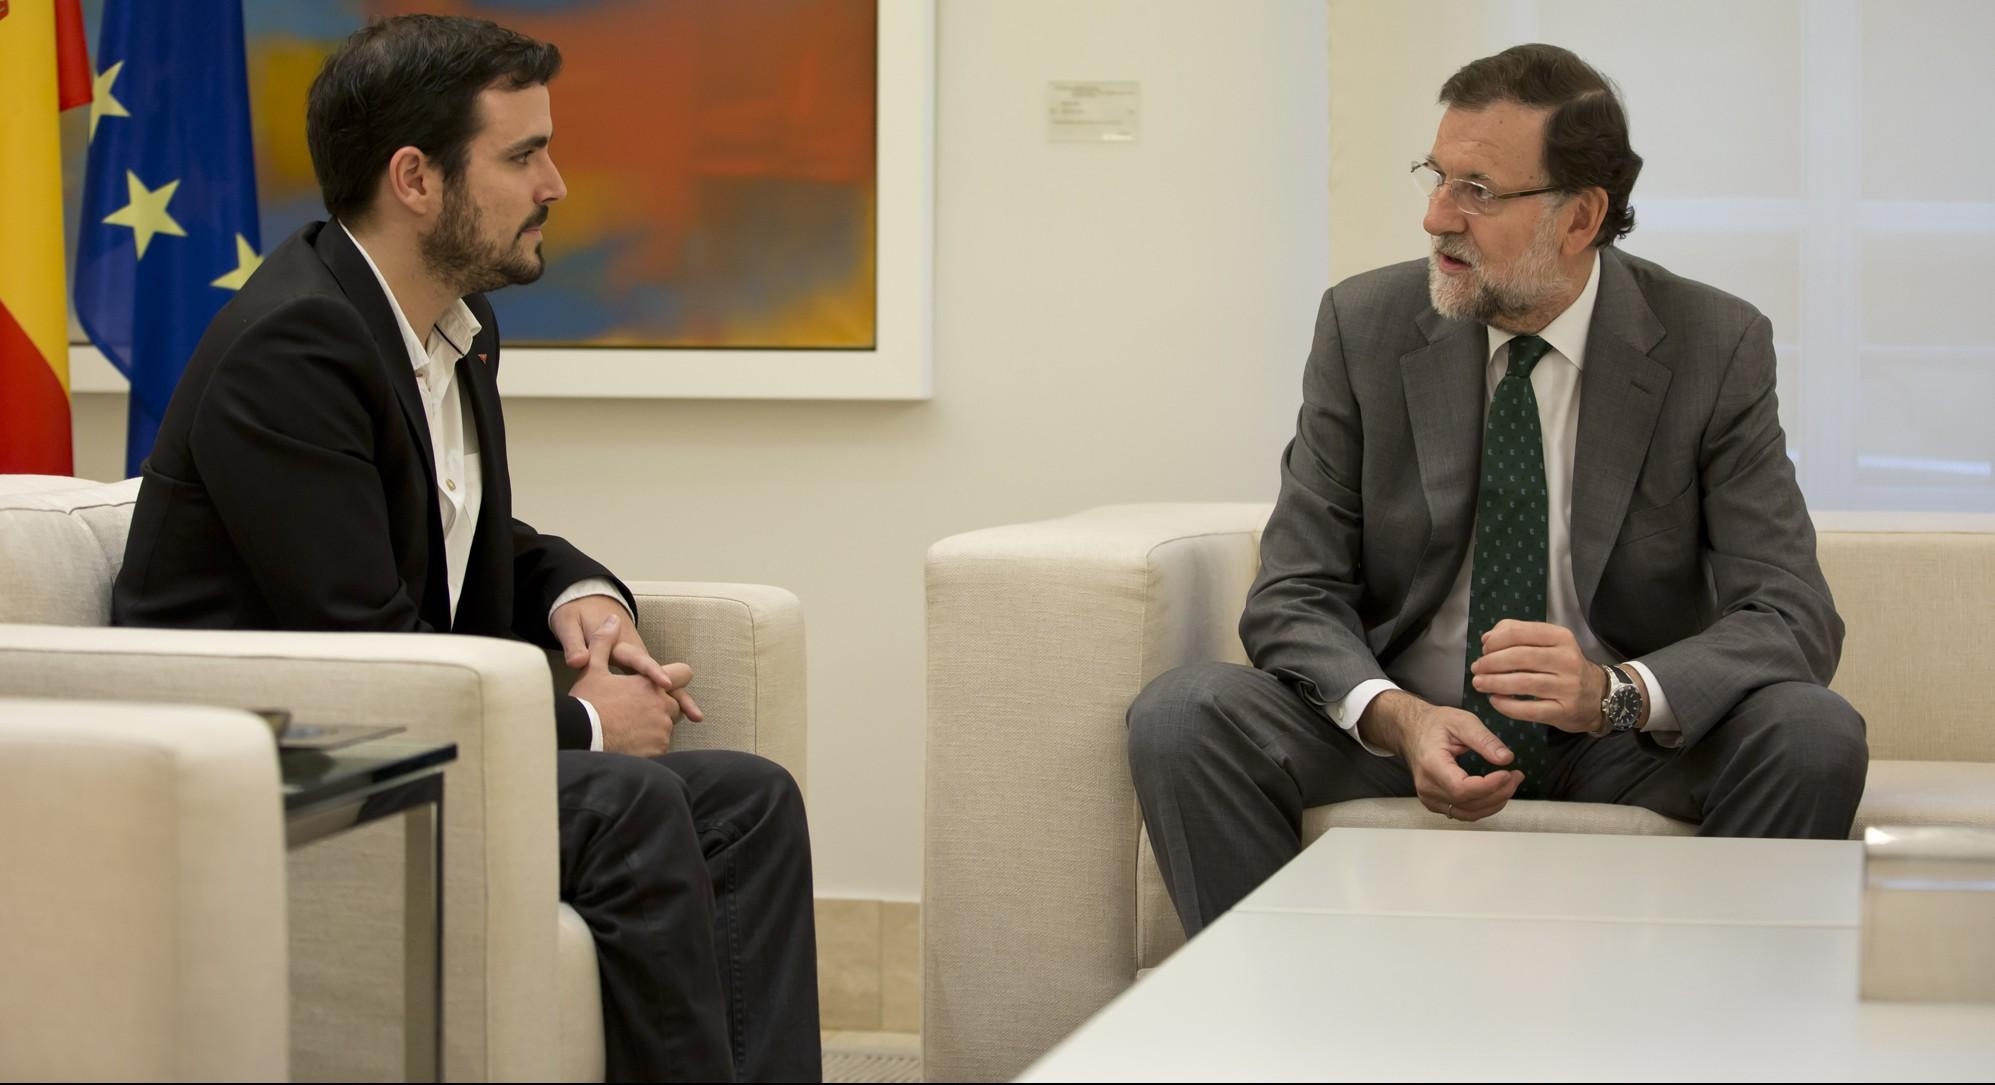 l Presidente del Gobierno, Mariano Rajoy,  recibe al dirigente de Izquierda Unida Alberto Garzón Fotografía: Diego Crespo / Moncloa Presidencia del Gobierno